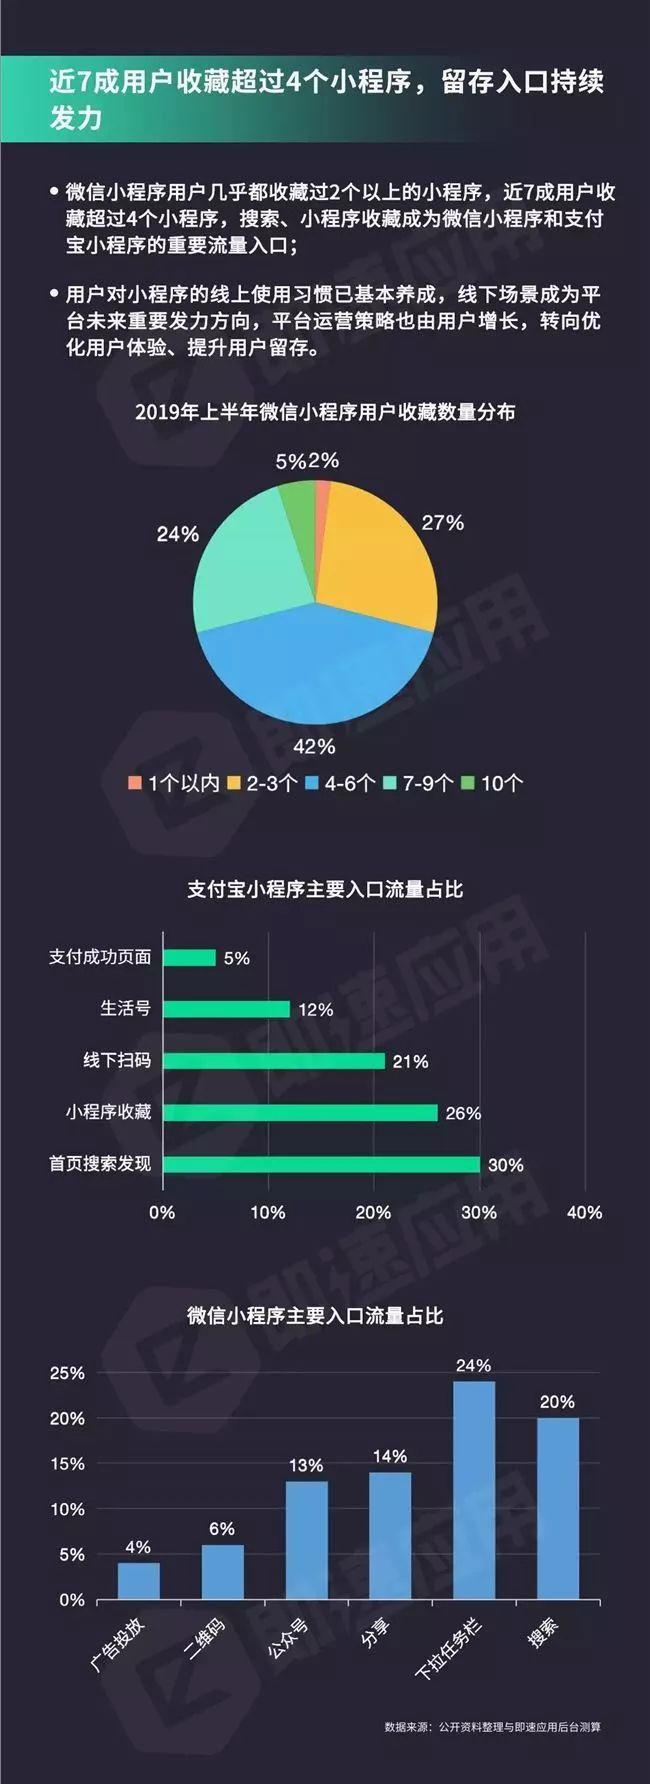 小程序年中报告:支付宝小程序7日留存率达56.7%,超微信2倍